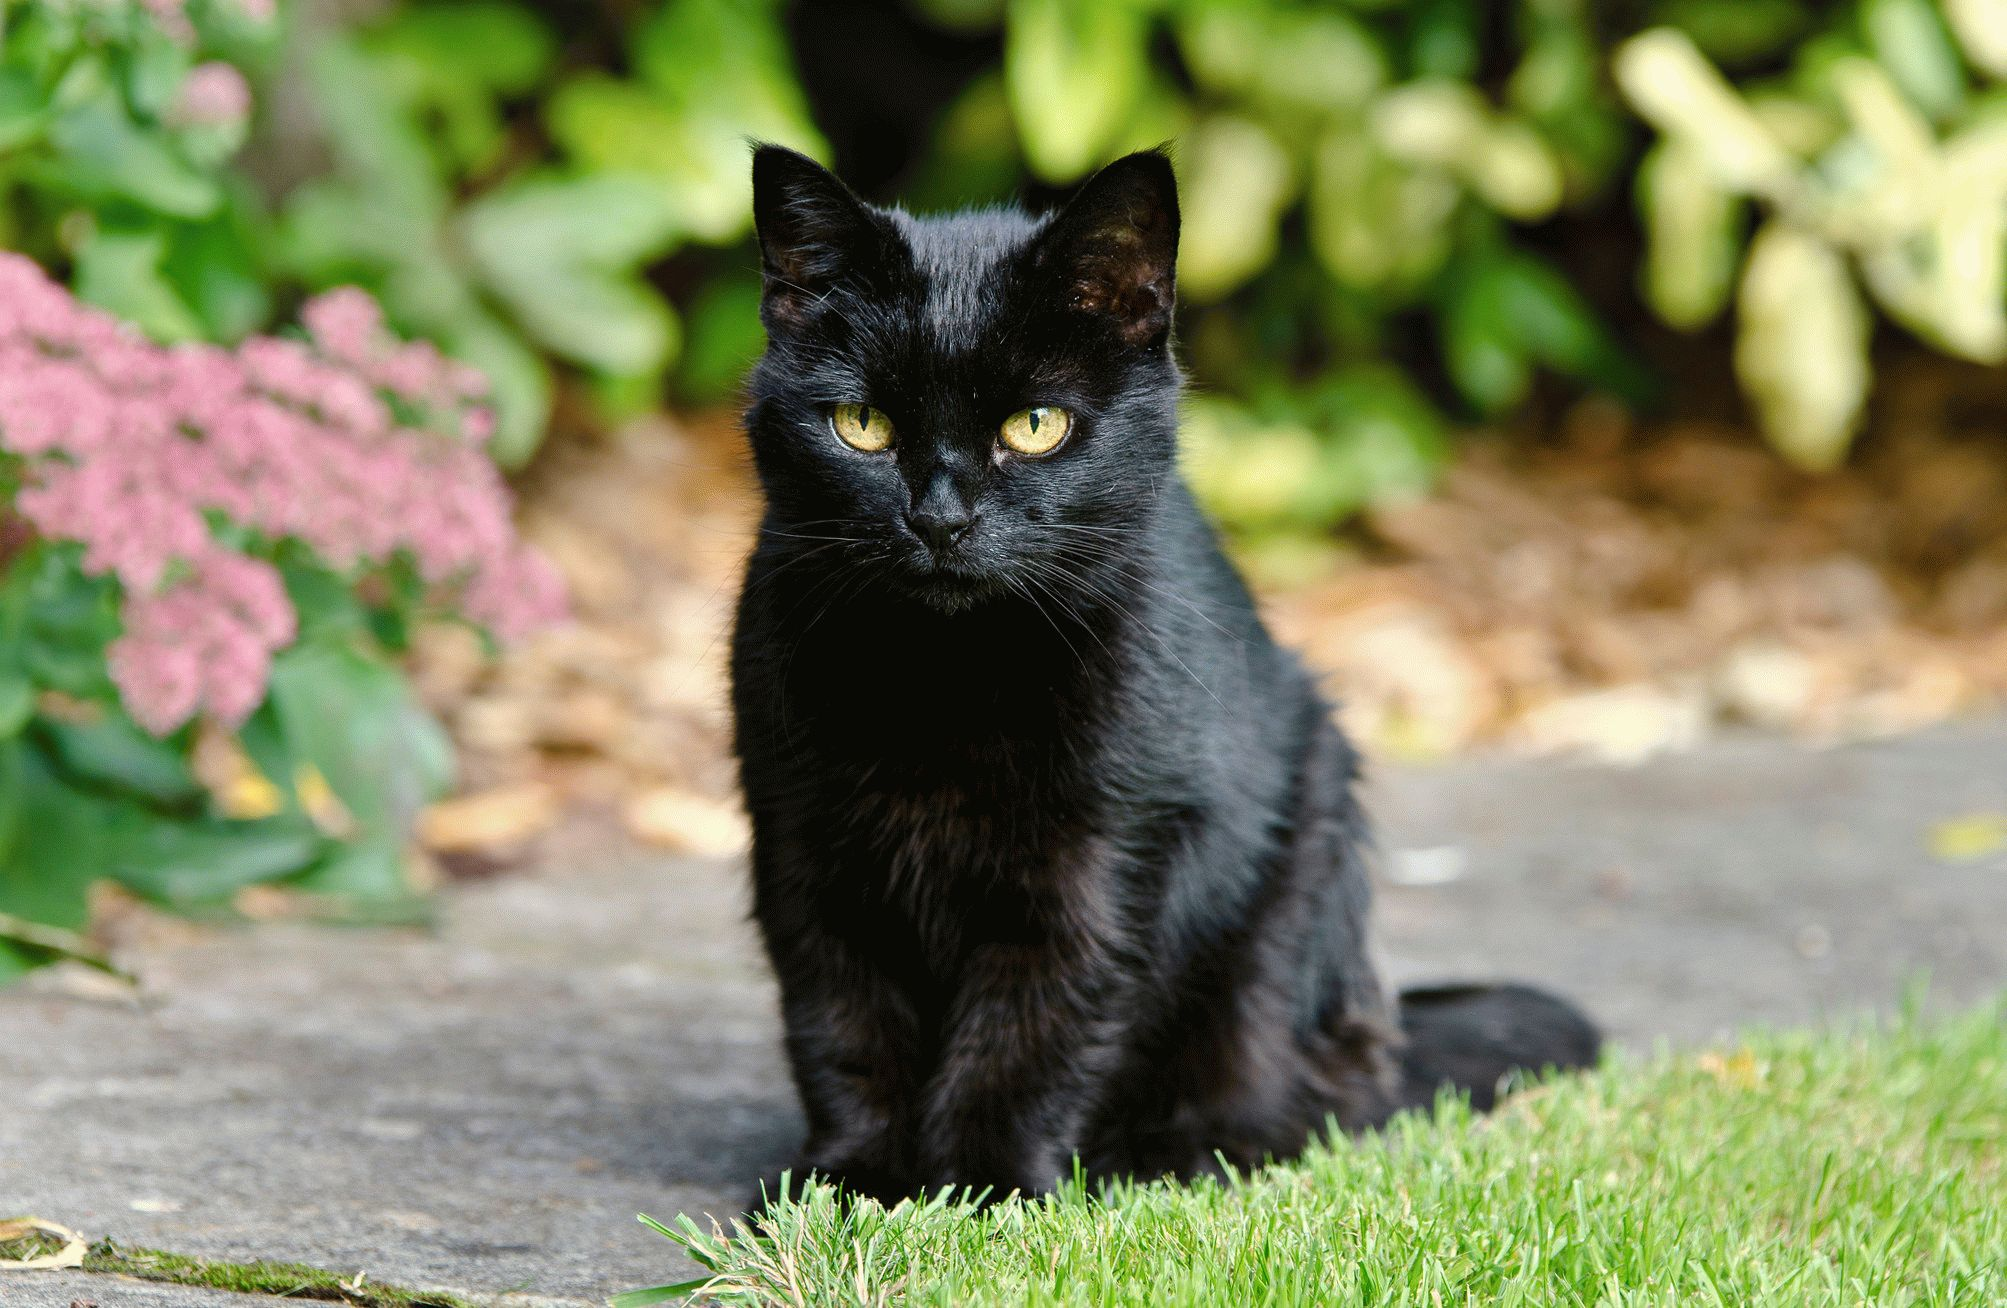 картинки с черной кошечкой смайликами, смайликами, анимированными